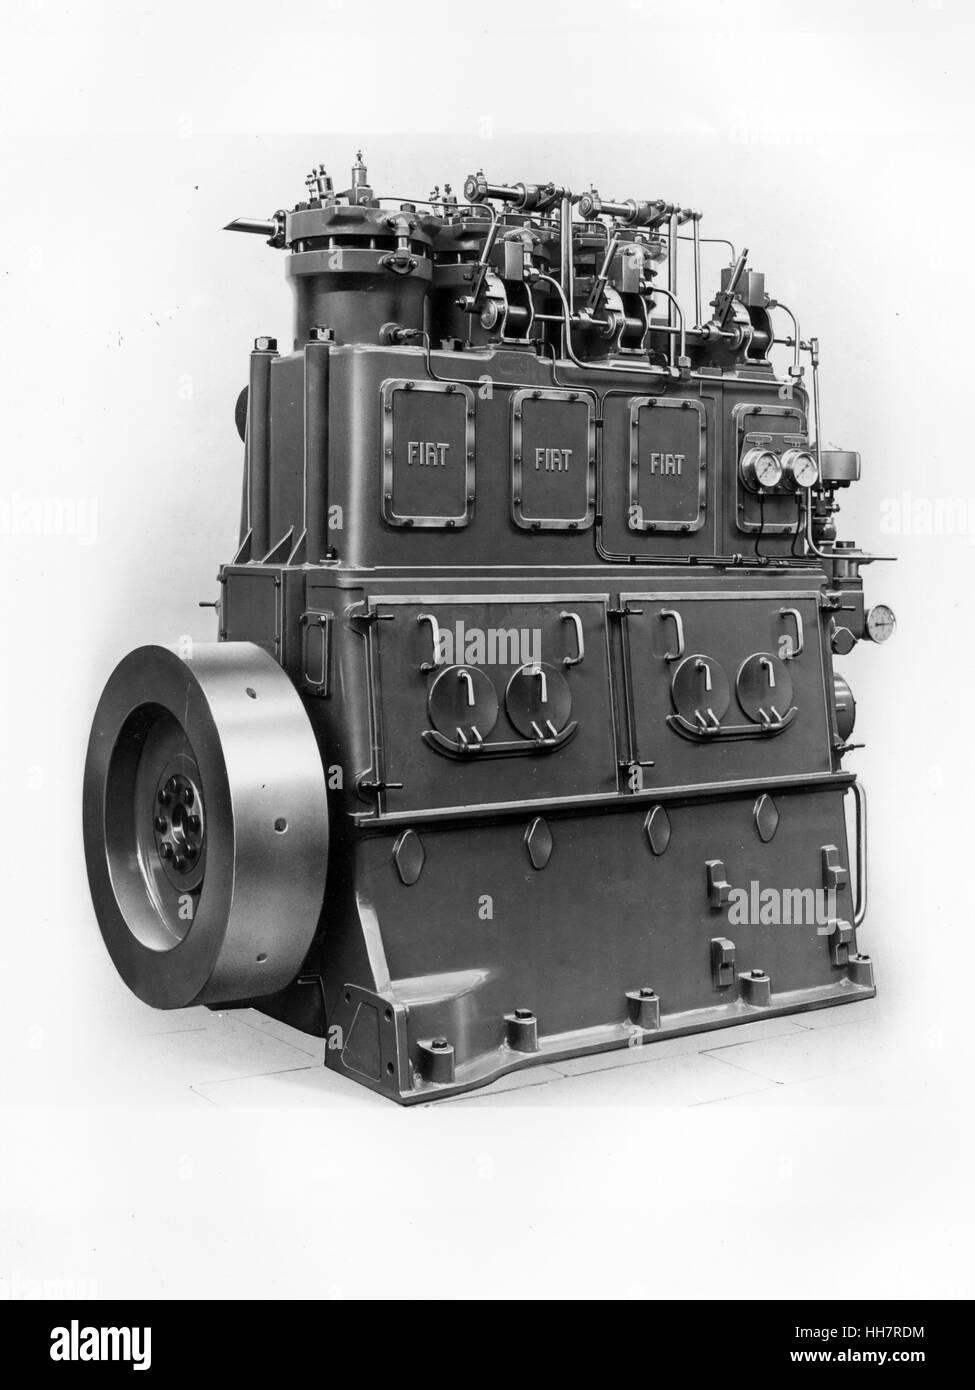 1930 - 40. Fiat - Ansaldo máquina. Los componentes de los motores. Imagen De Stock